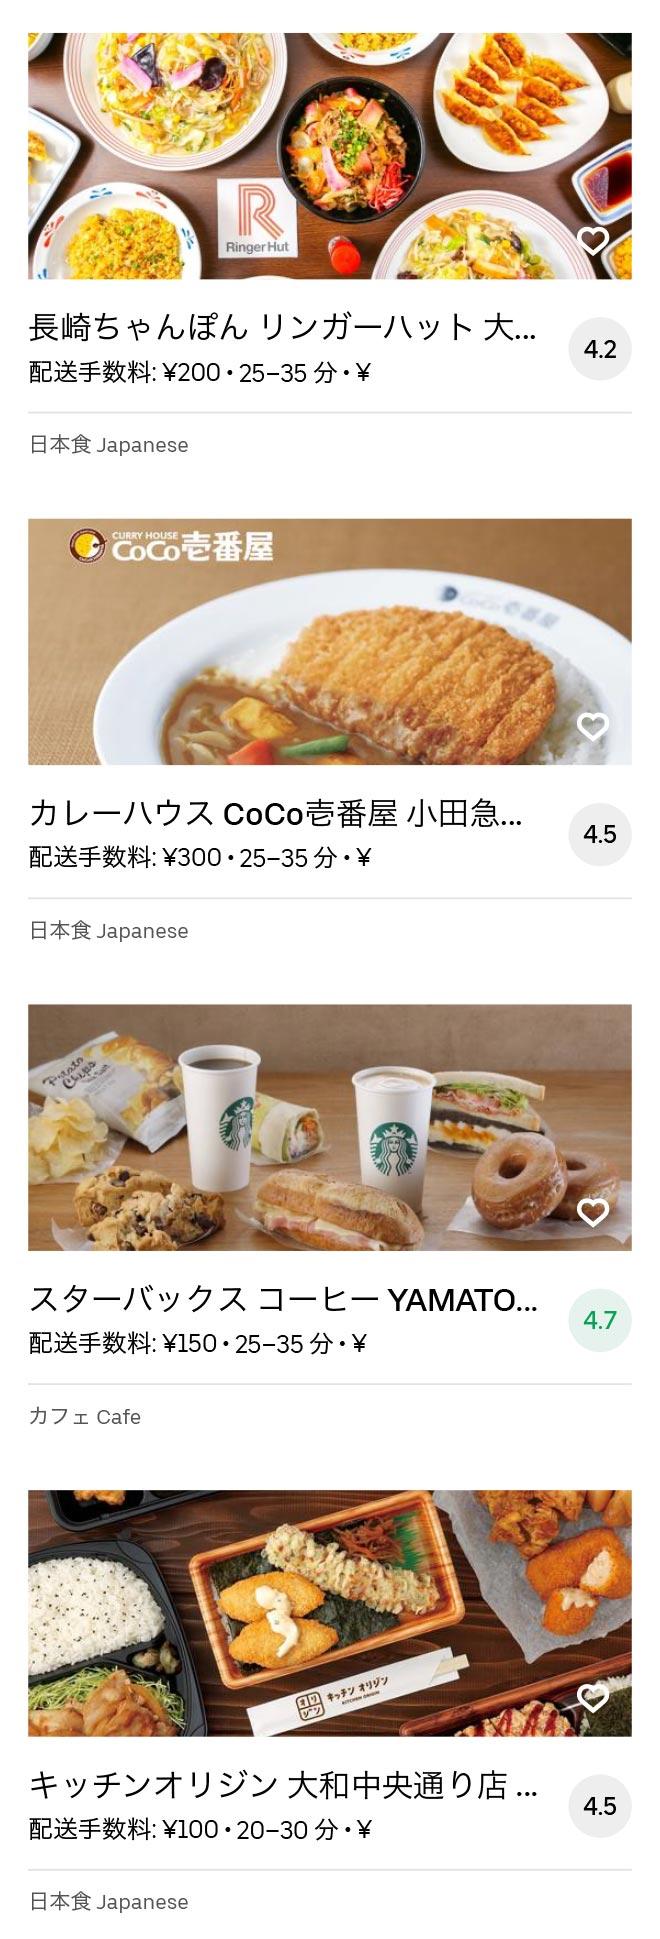 Yamato menu 2008 06